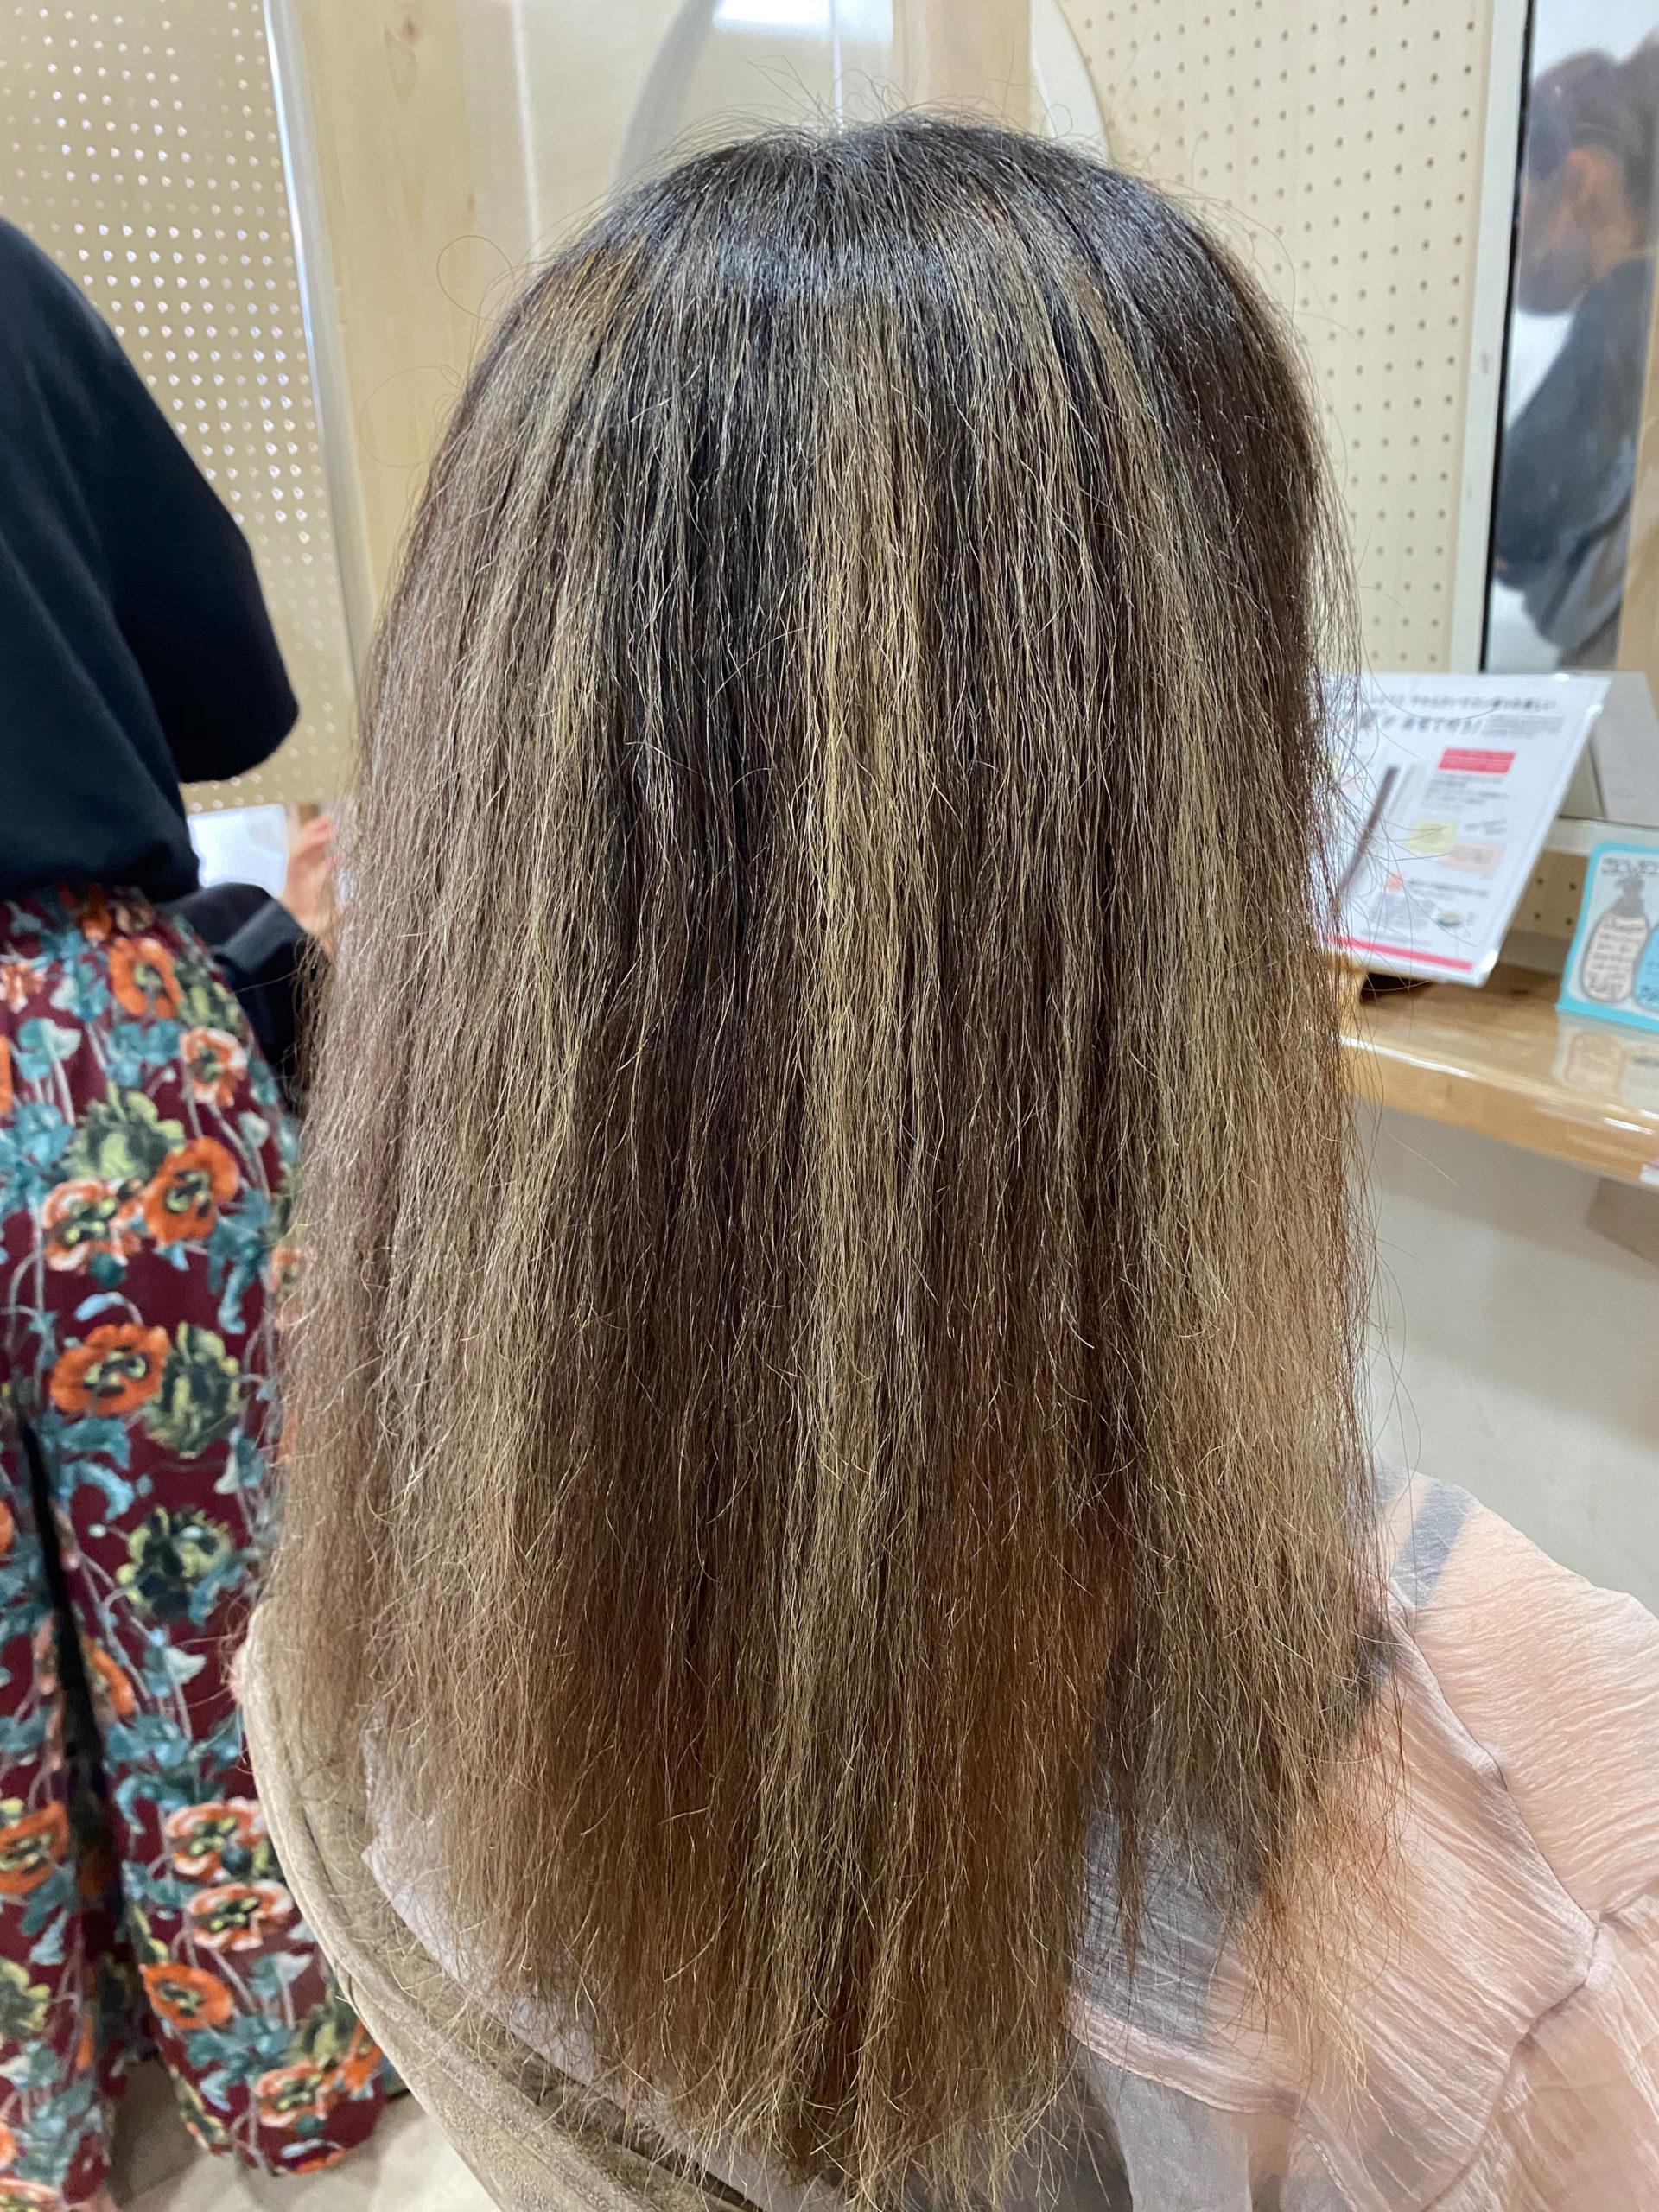 髪のチリチリを直す【ビビリ矯正】原宿・表参道『髪のお悩みを解決するヘアケア美容師の挑戦』